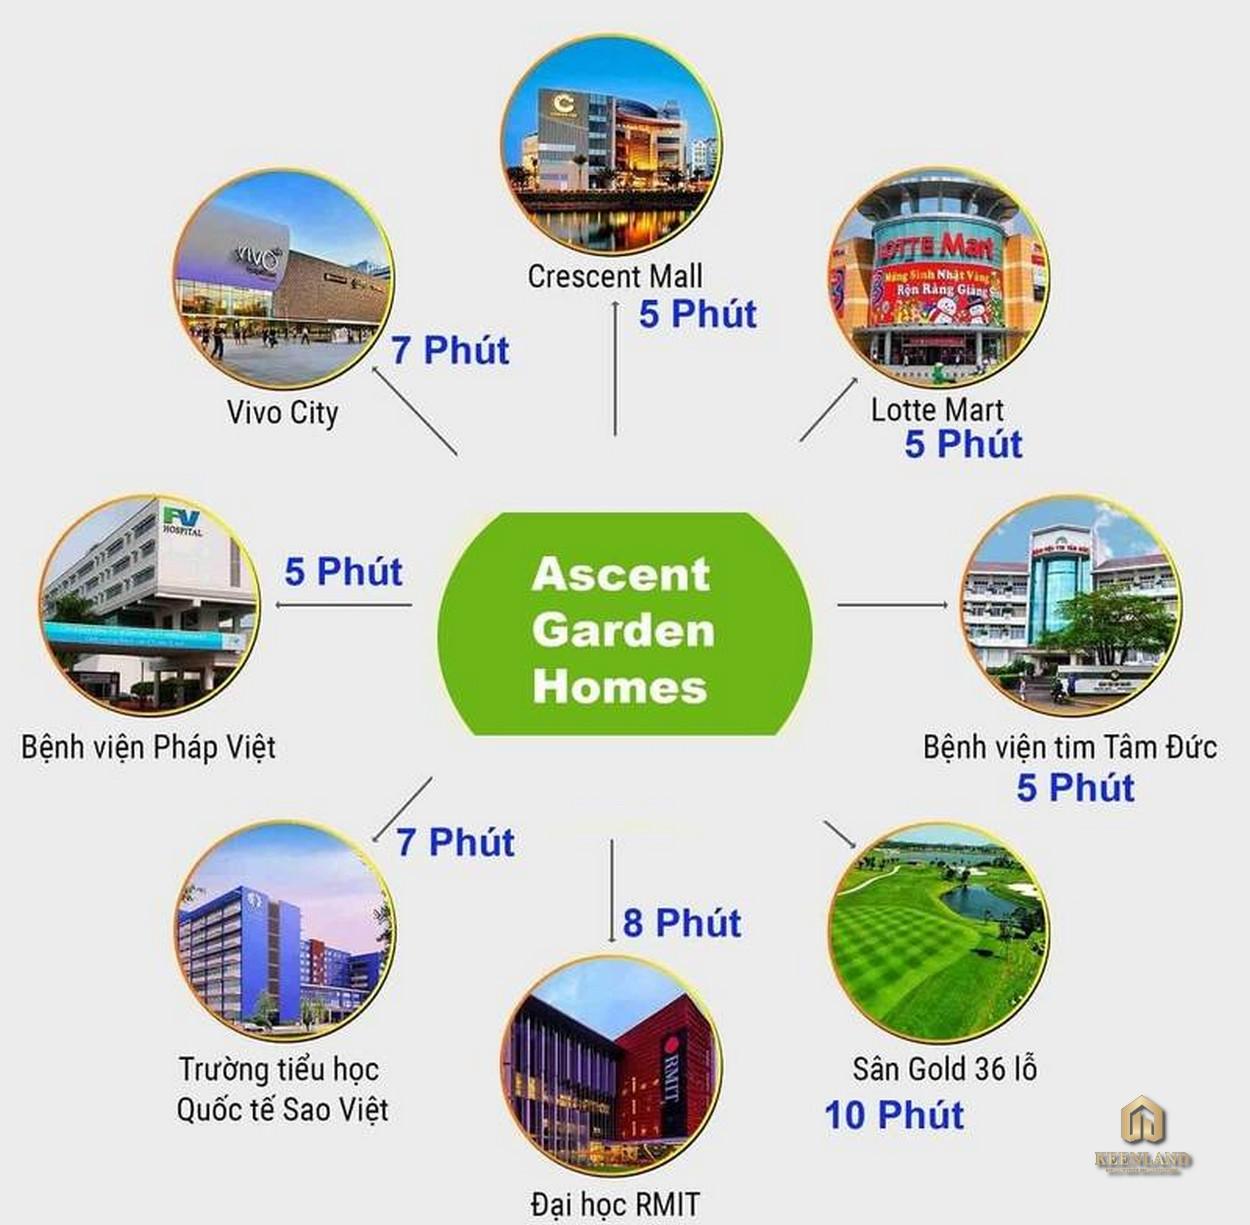 Liên kết vùng dự án Ascent Garden Homes Quận 7